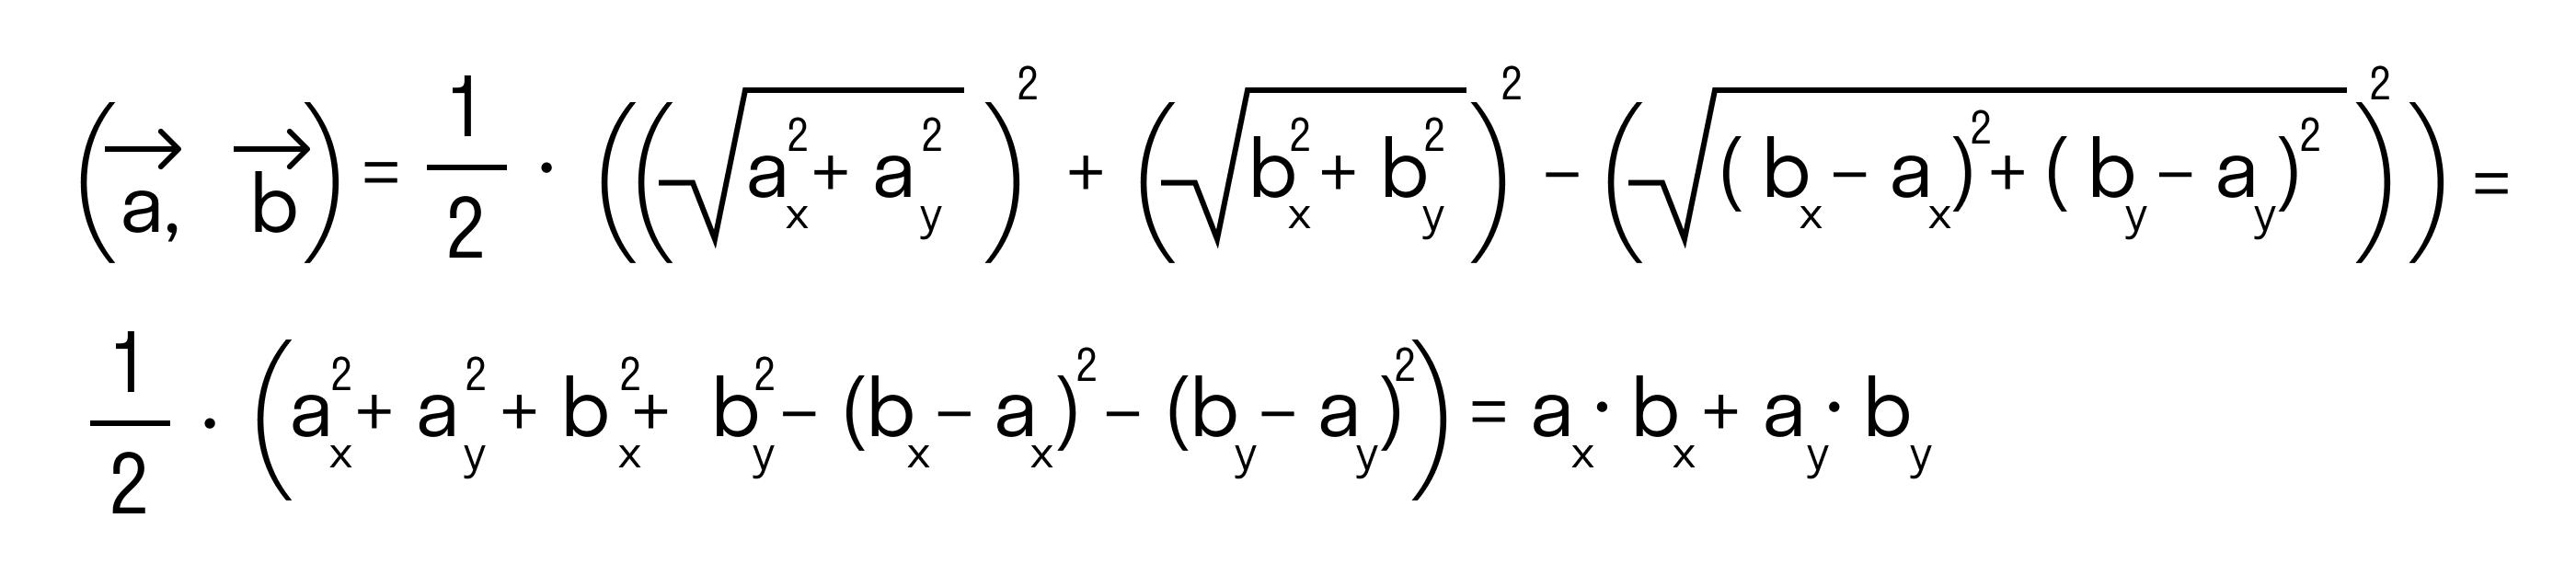 Вспомнив формулу вычисления длины вектора по координатам